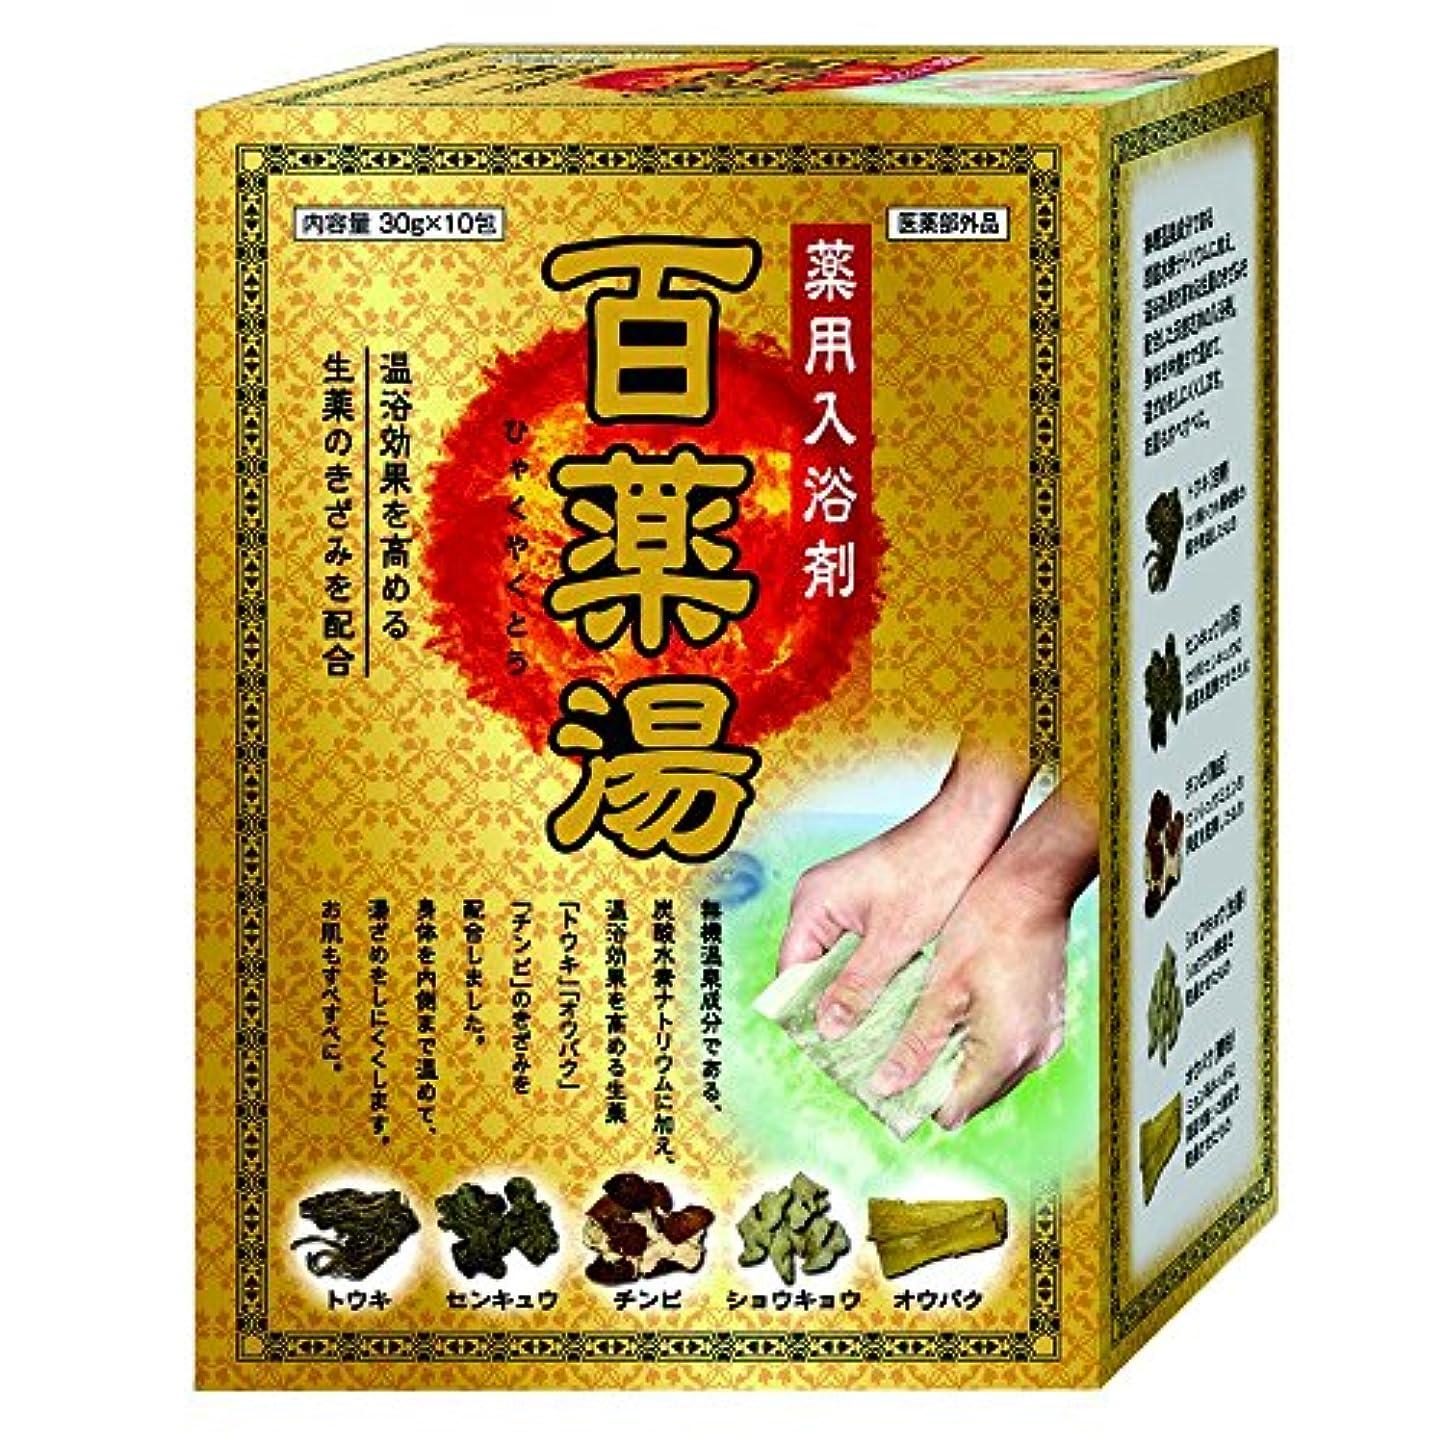 エクステント詐欺師アミューズメント百薬湯 薬用入浴剤 温浴効果を高める生薬のきざみを配合 30g×10包 (医薬部外品)